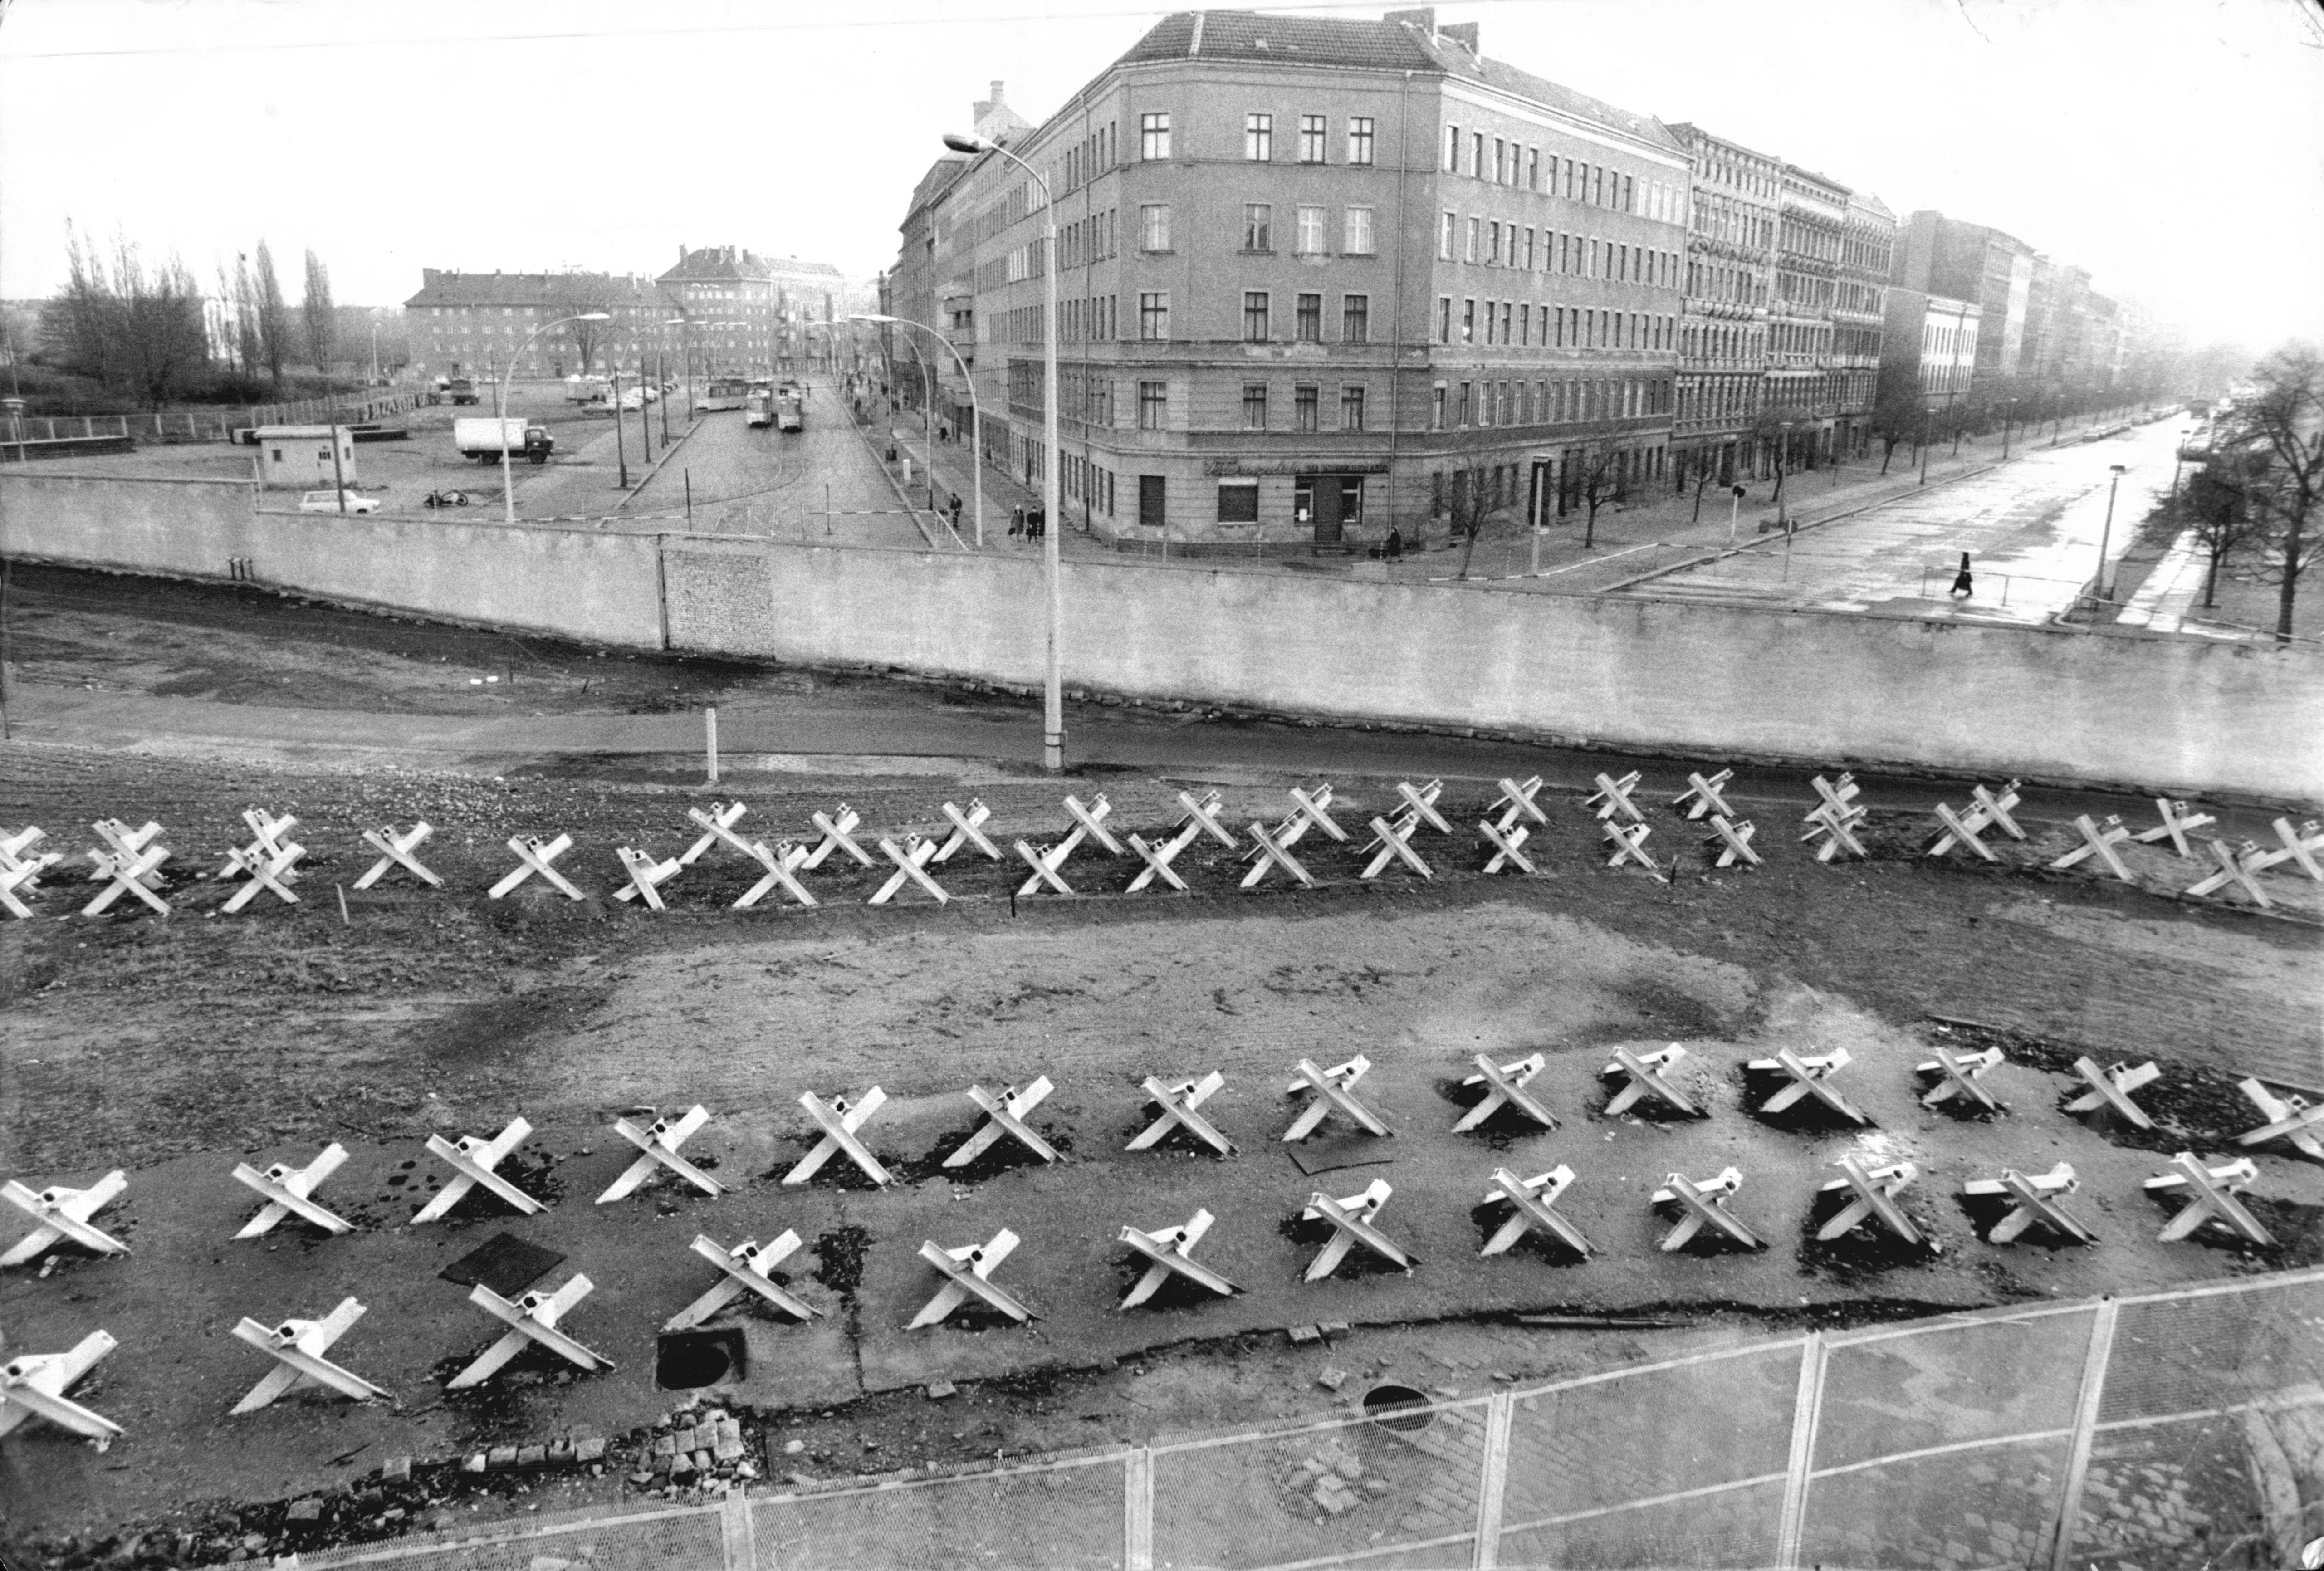 El 11 de agosto de 1961, el gobierno de Alemania Oriental firmó el decreto para clausurar la frontera entre las dos mitades de Berlín y construir el muro, que comenzó a hacerse realidad la madrugada del 13 de agosto.